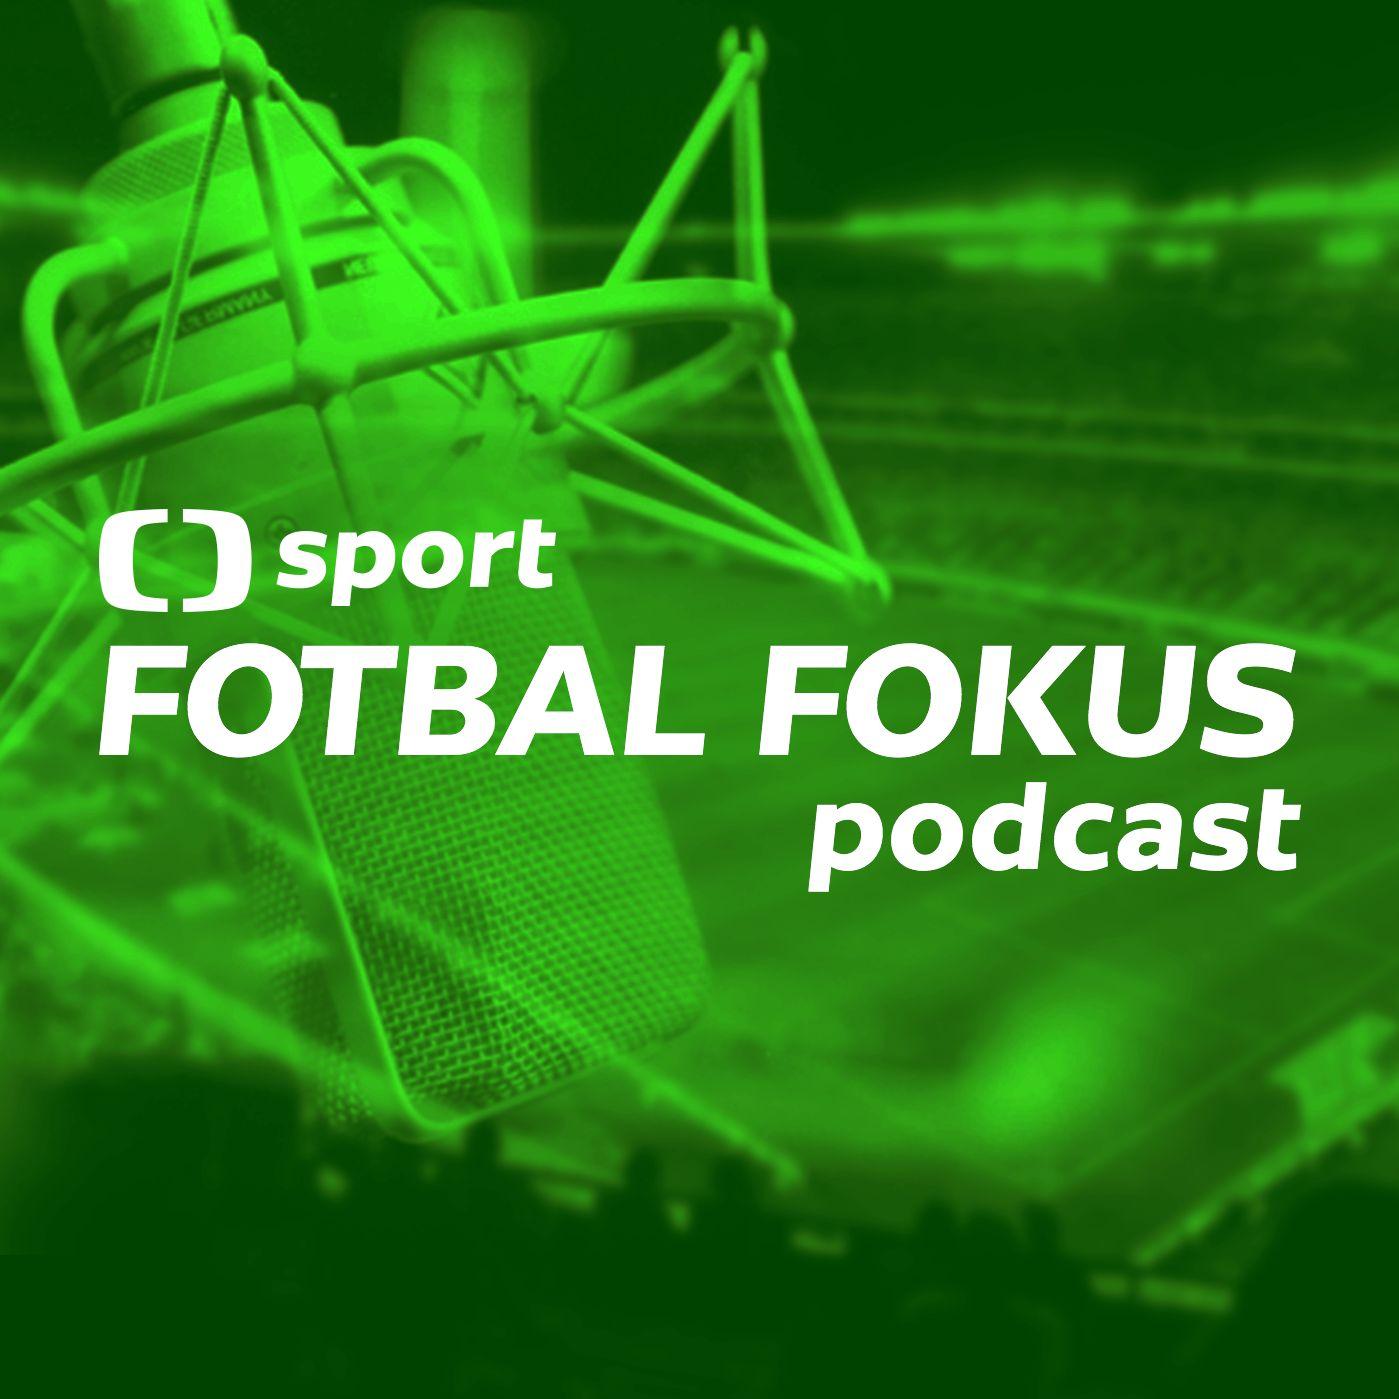 Fotbal fokus podcast: Dotáhne to Slavia až k titulu? A má v Plzni zůstat Pivarník?